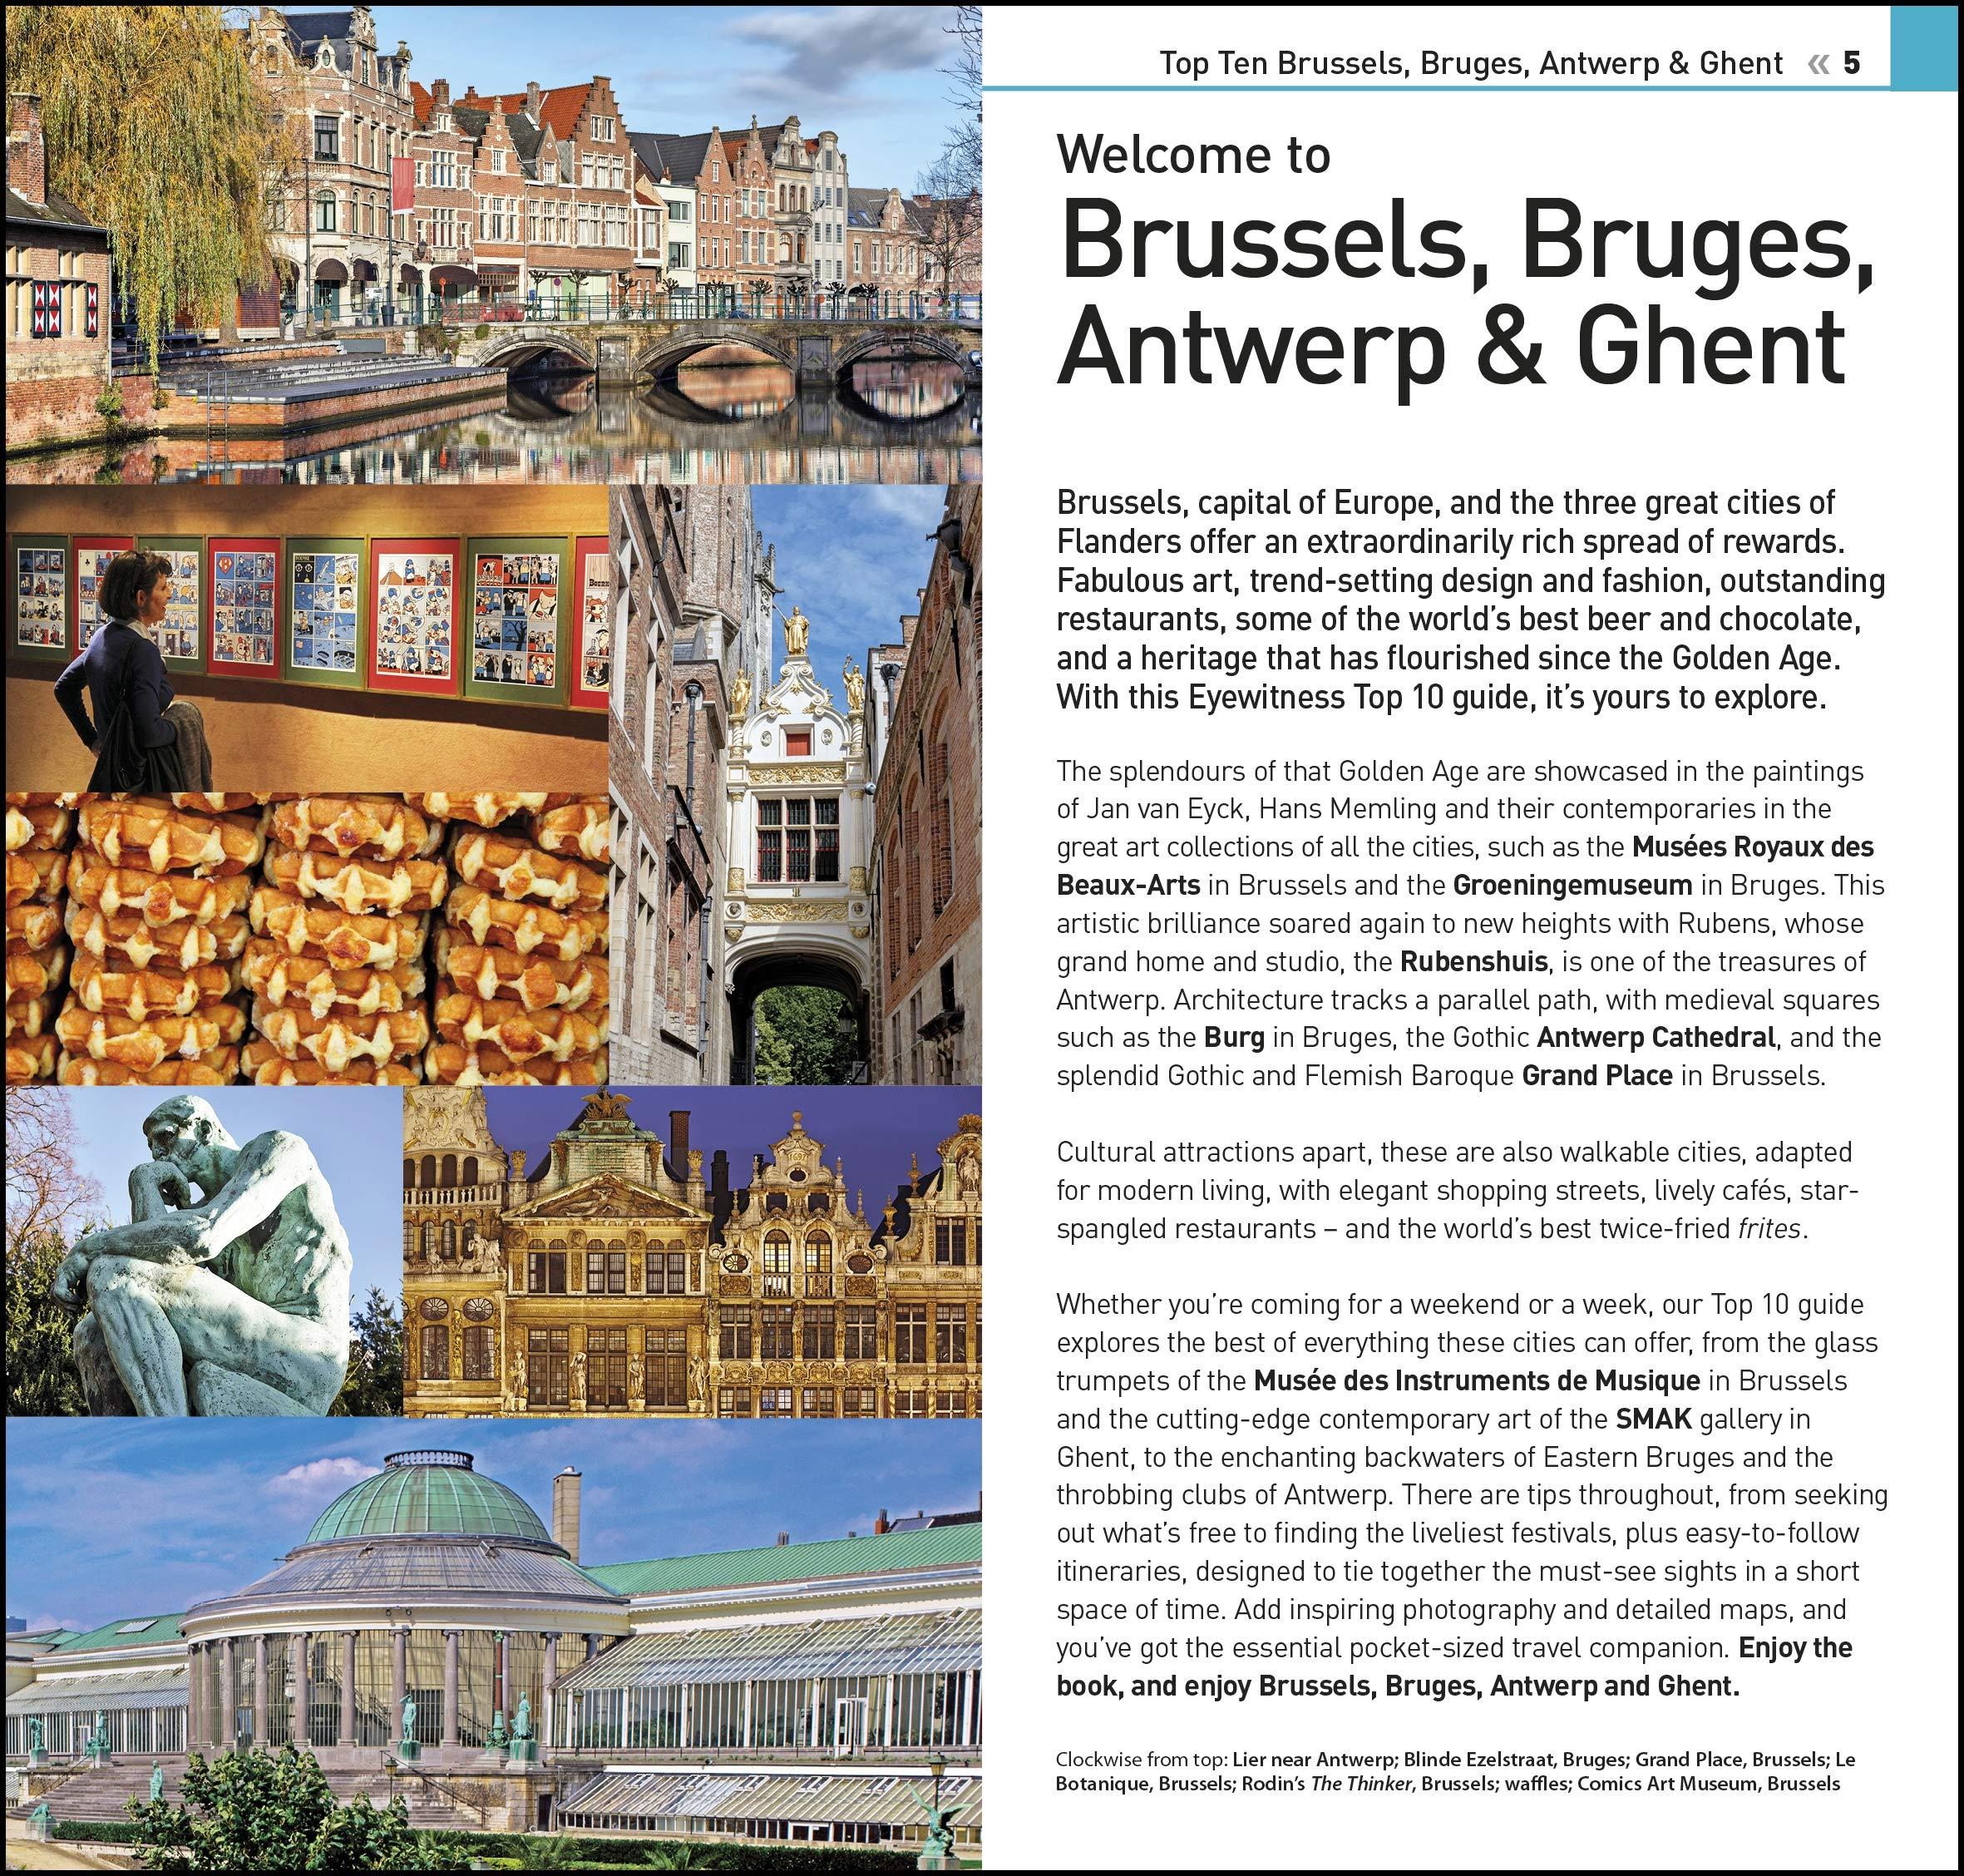 Top 10 Brussels, Bruges, Antwerp and Ghent DK Eyewitness Travel ...